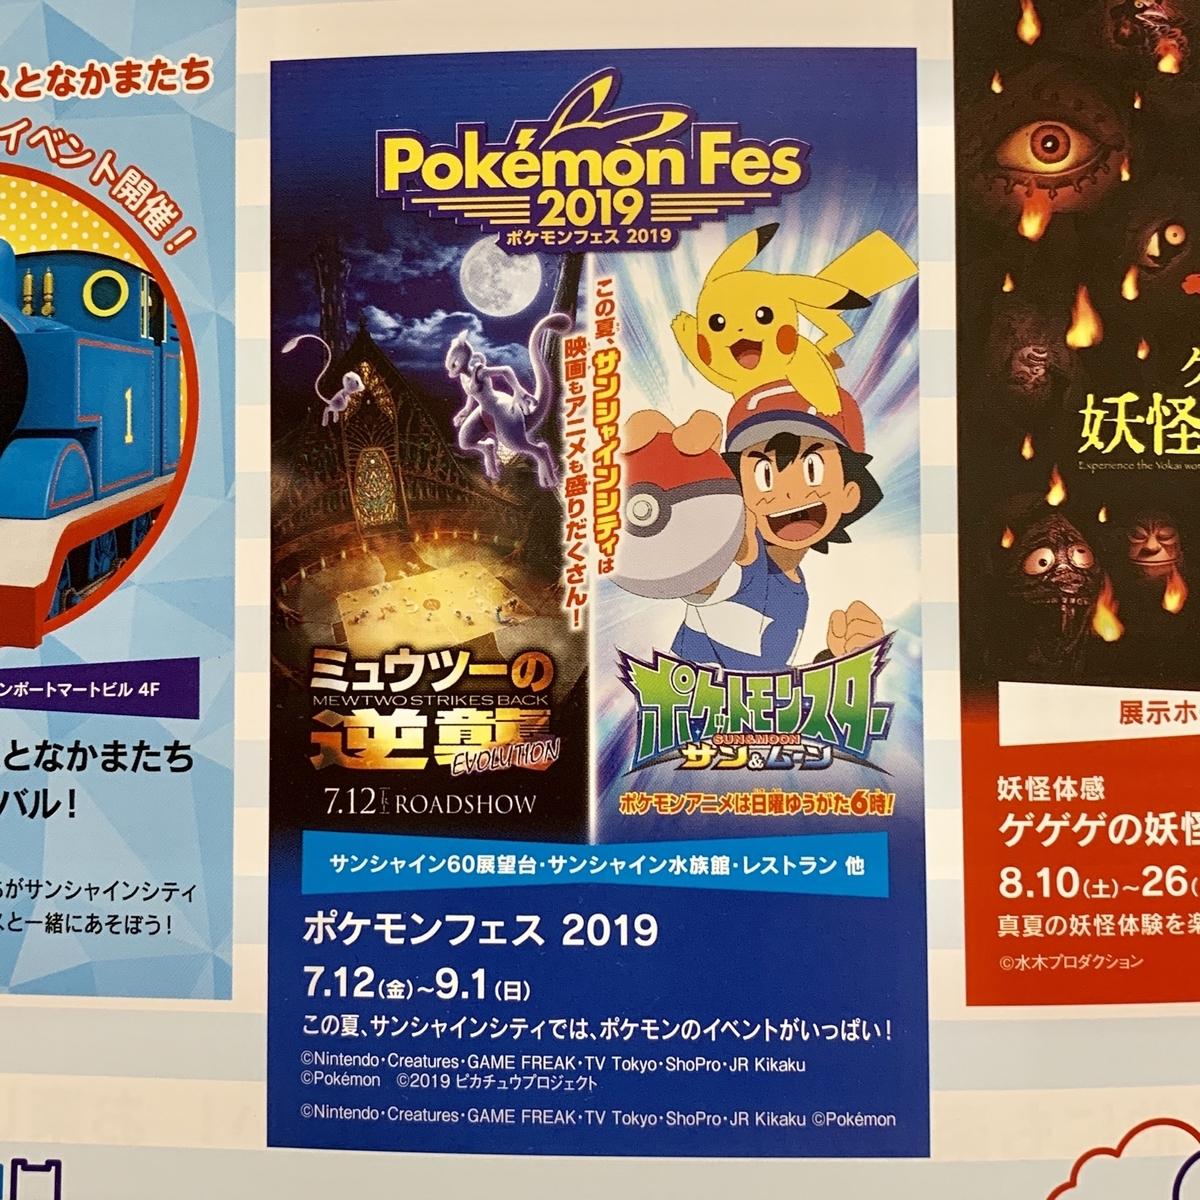 f:id:pikachu_pcn:20190503180332j:plain